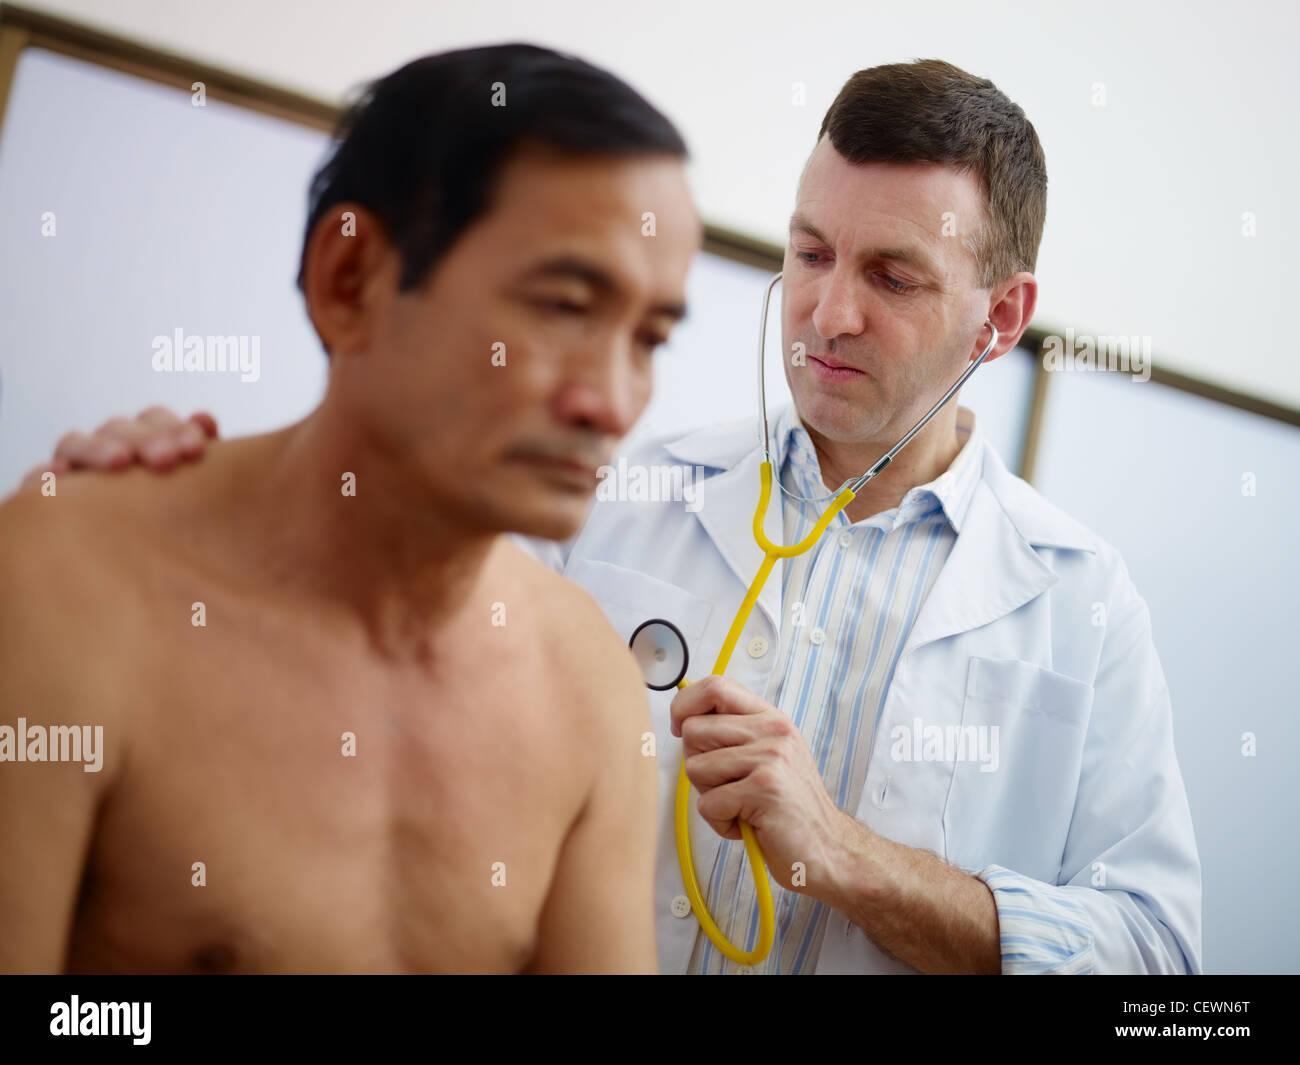 asiatico medico sesso